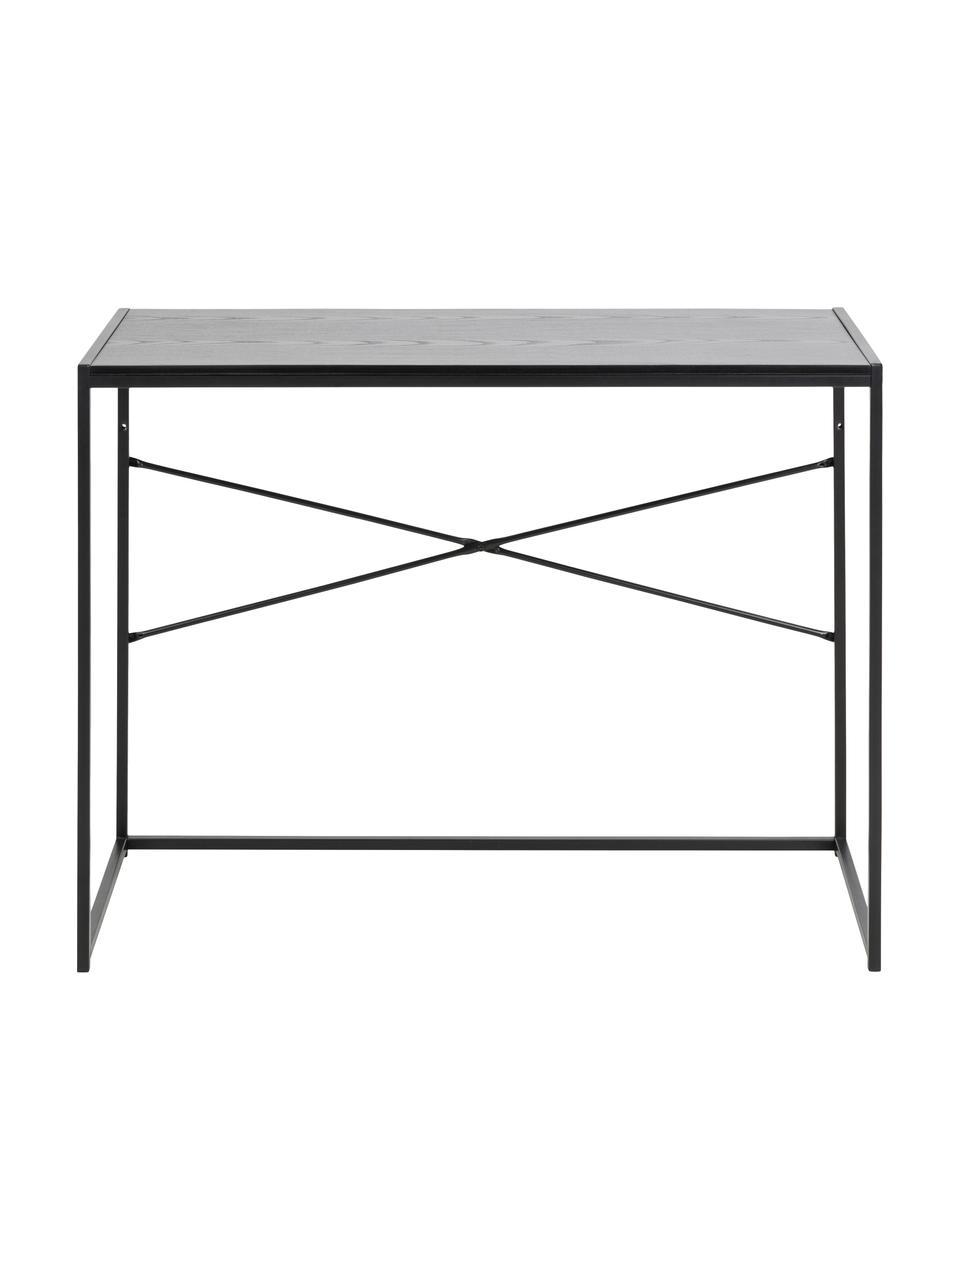 Wąskie biurko z drewna i metalu Seaford, Stelaż: metal malowany proszkowo, Blat: płyta pilśniowa średniej , Czarny, S 100 x G 45 cm